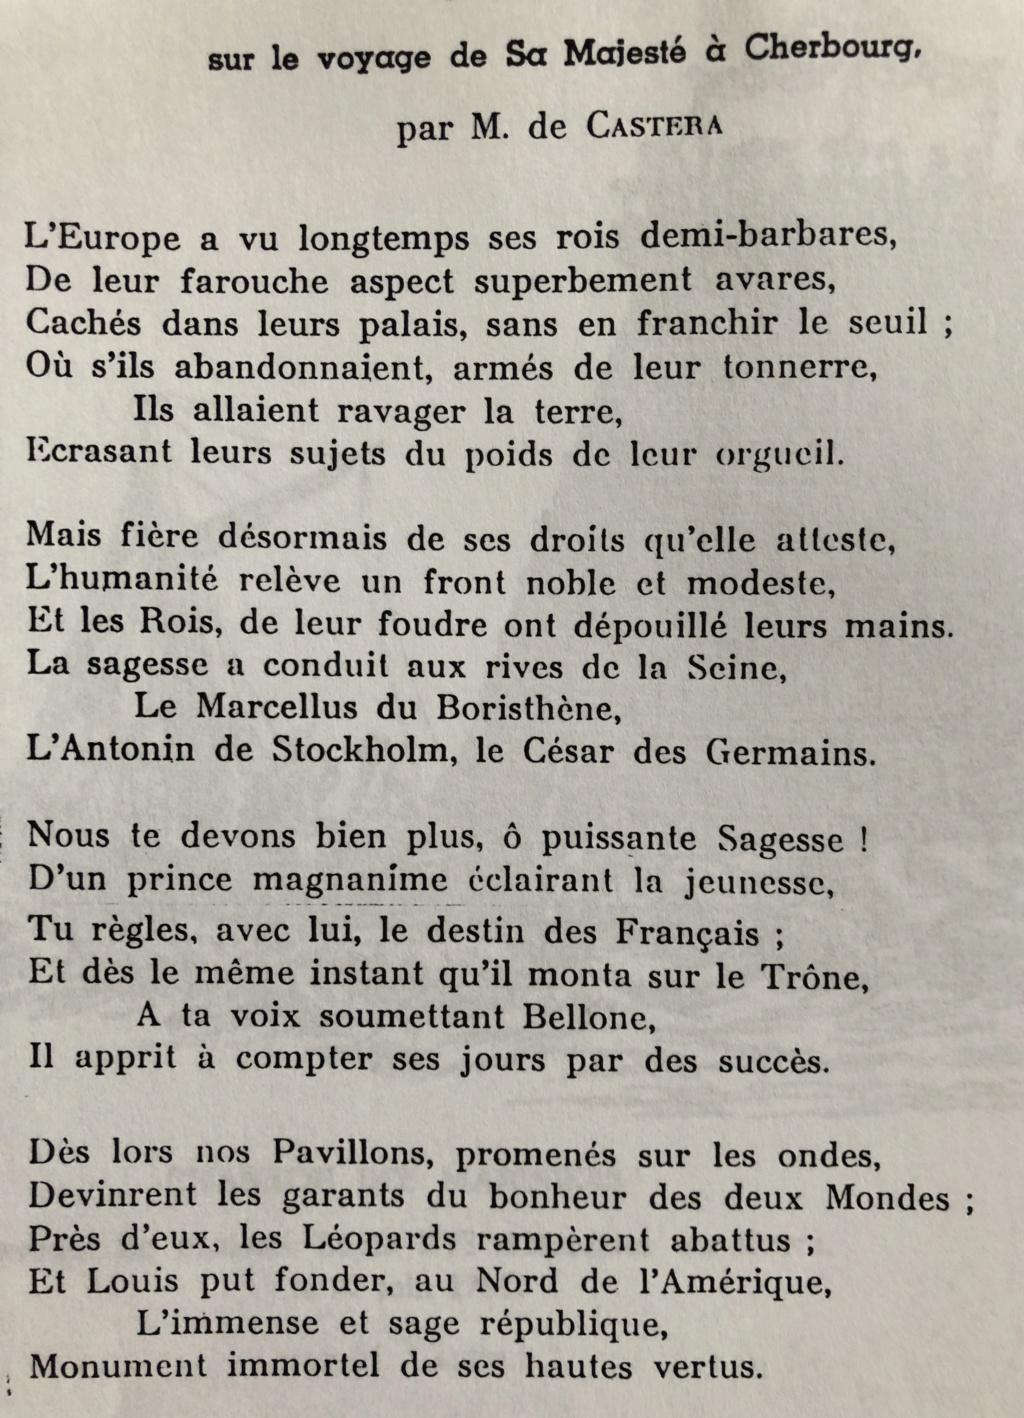 Le voyage de Louis XVI en Normandie - Page 2 9a536910